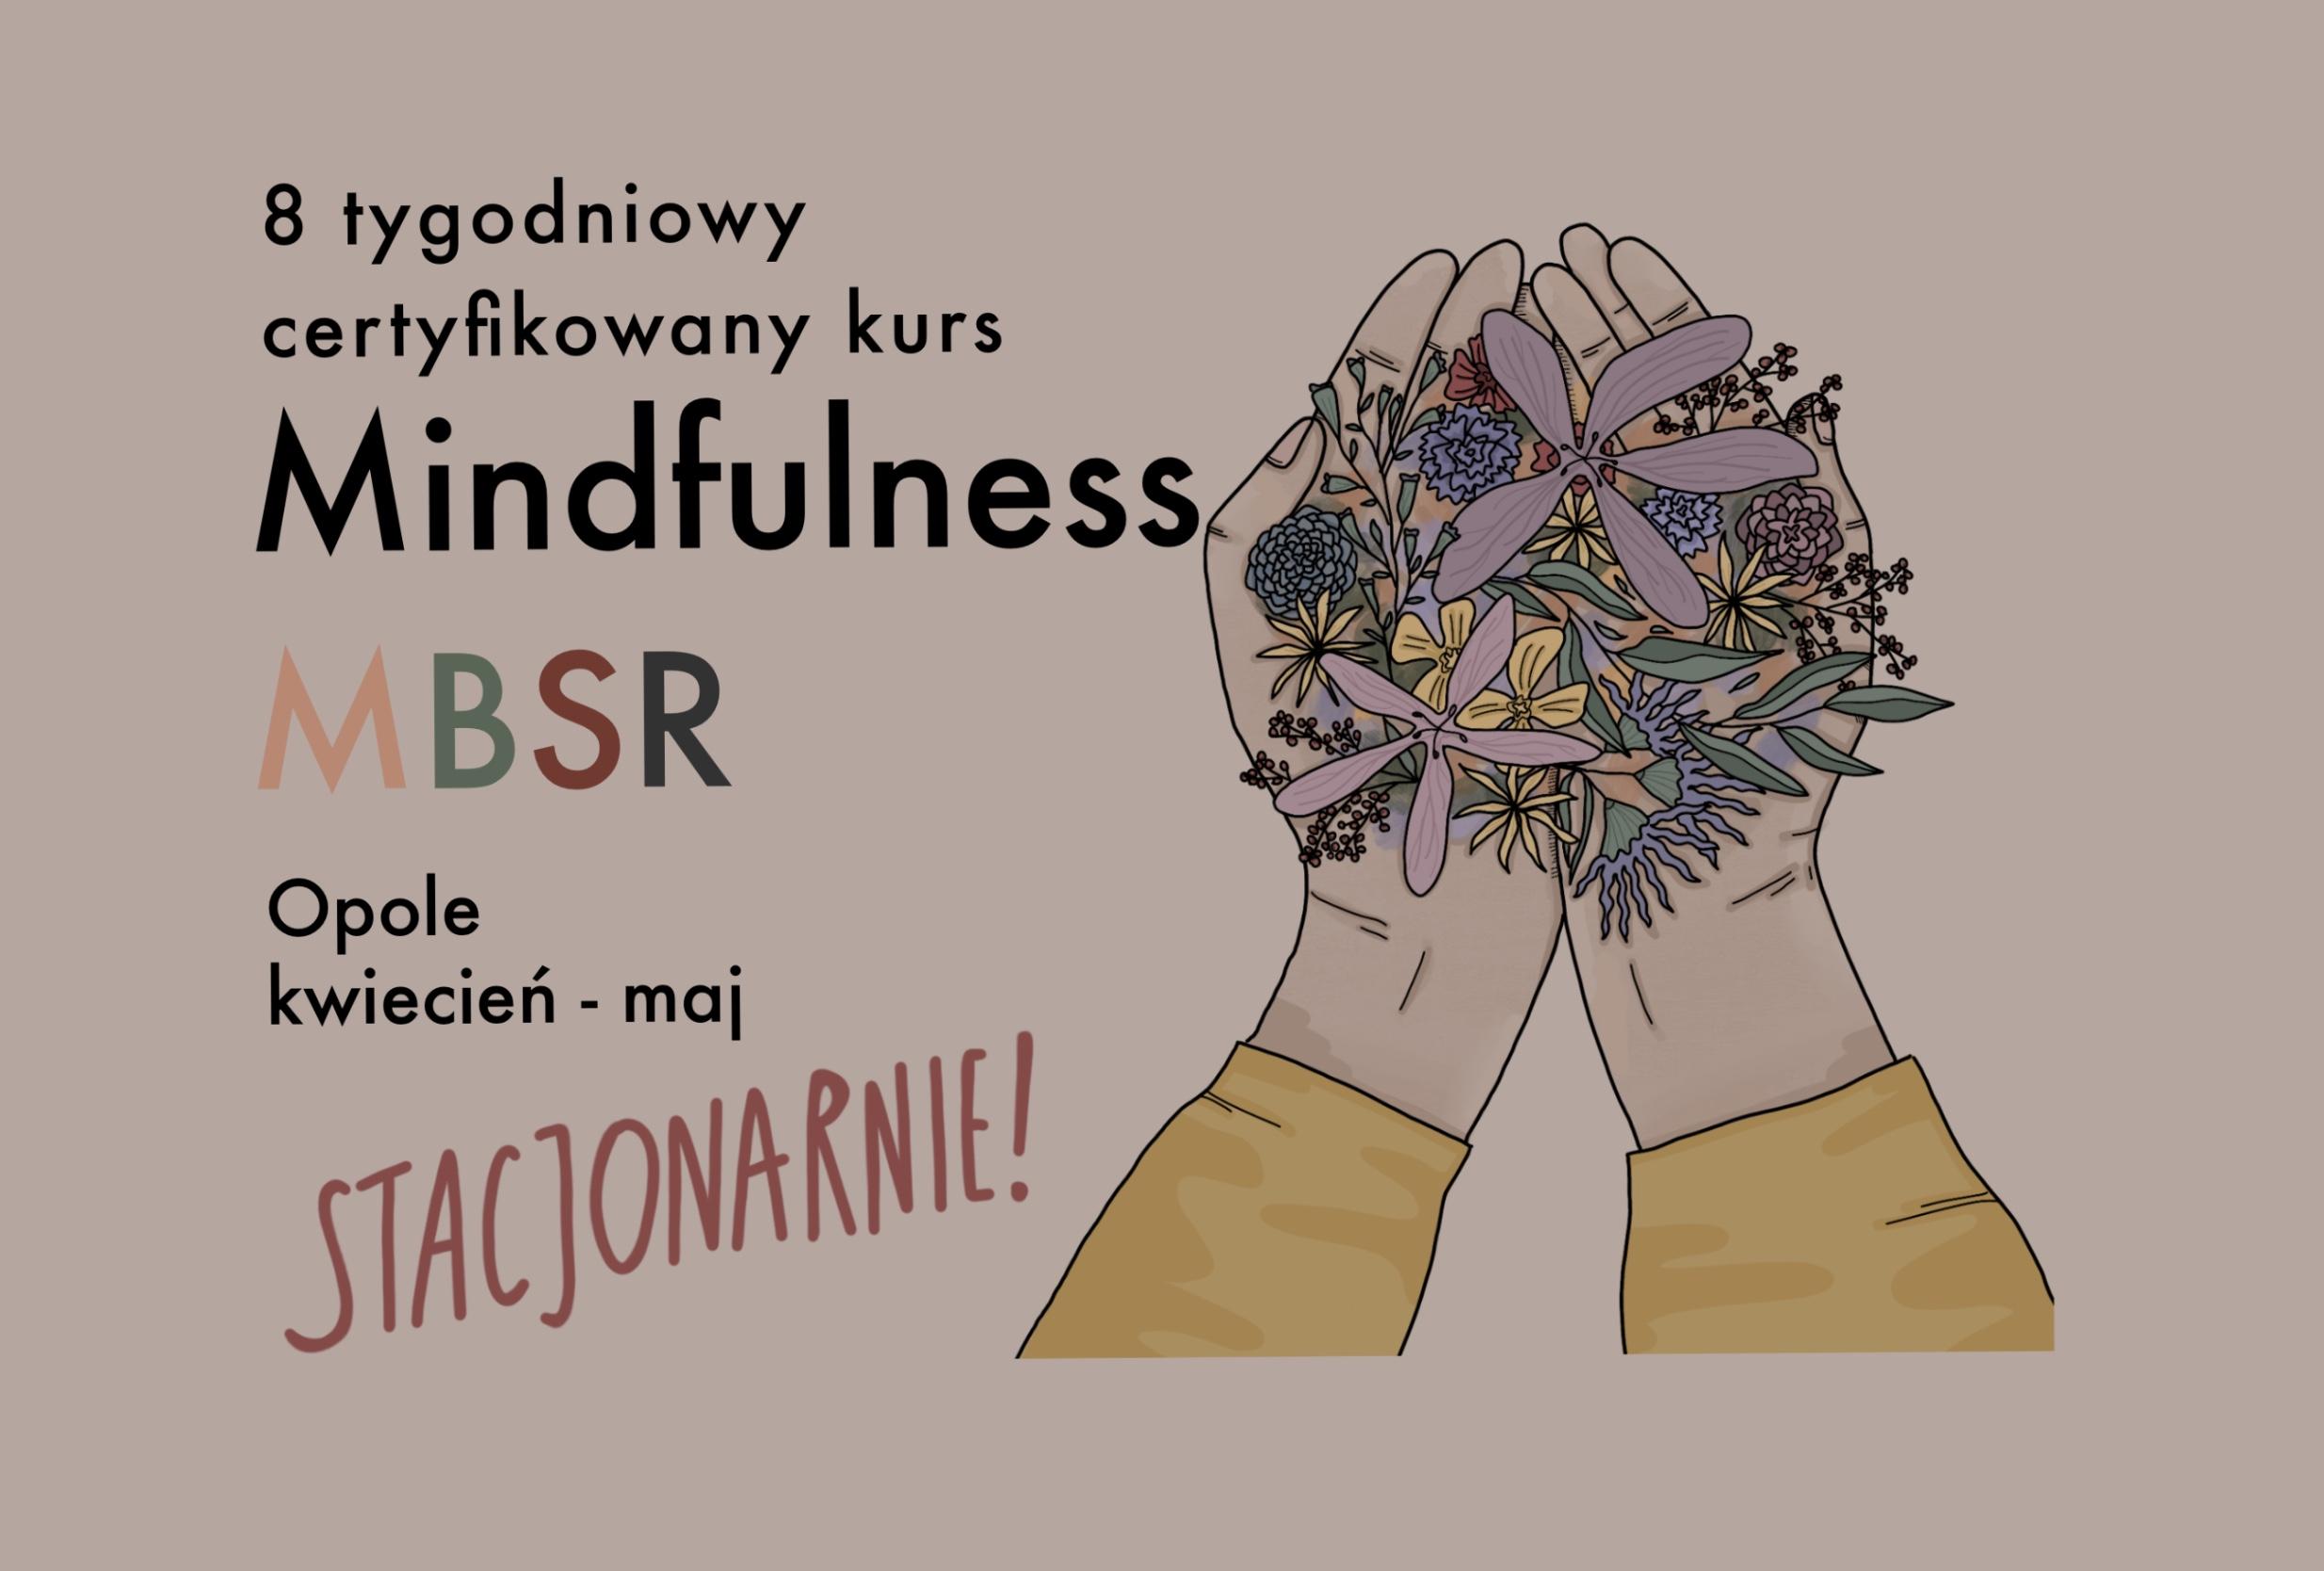 Powracają kursy stacjonarne Mindfulness MBSR w Opolu!